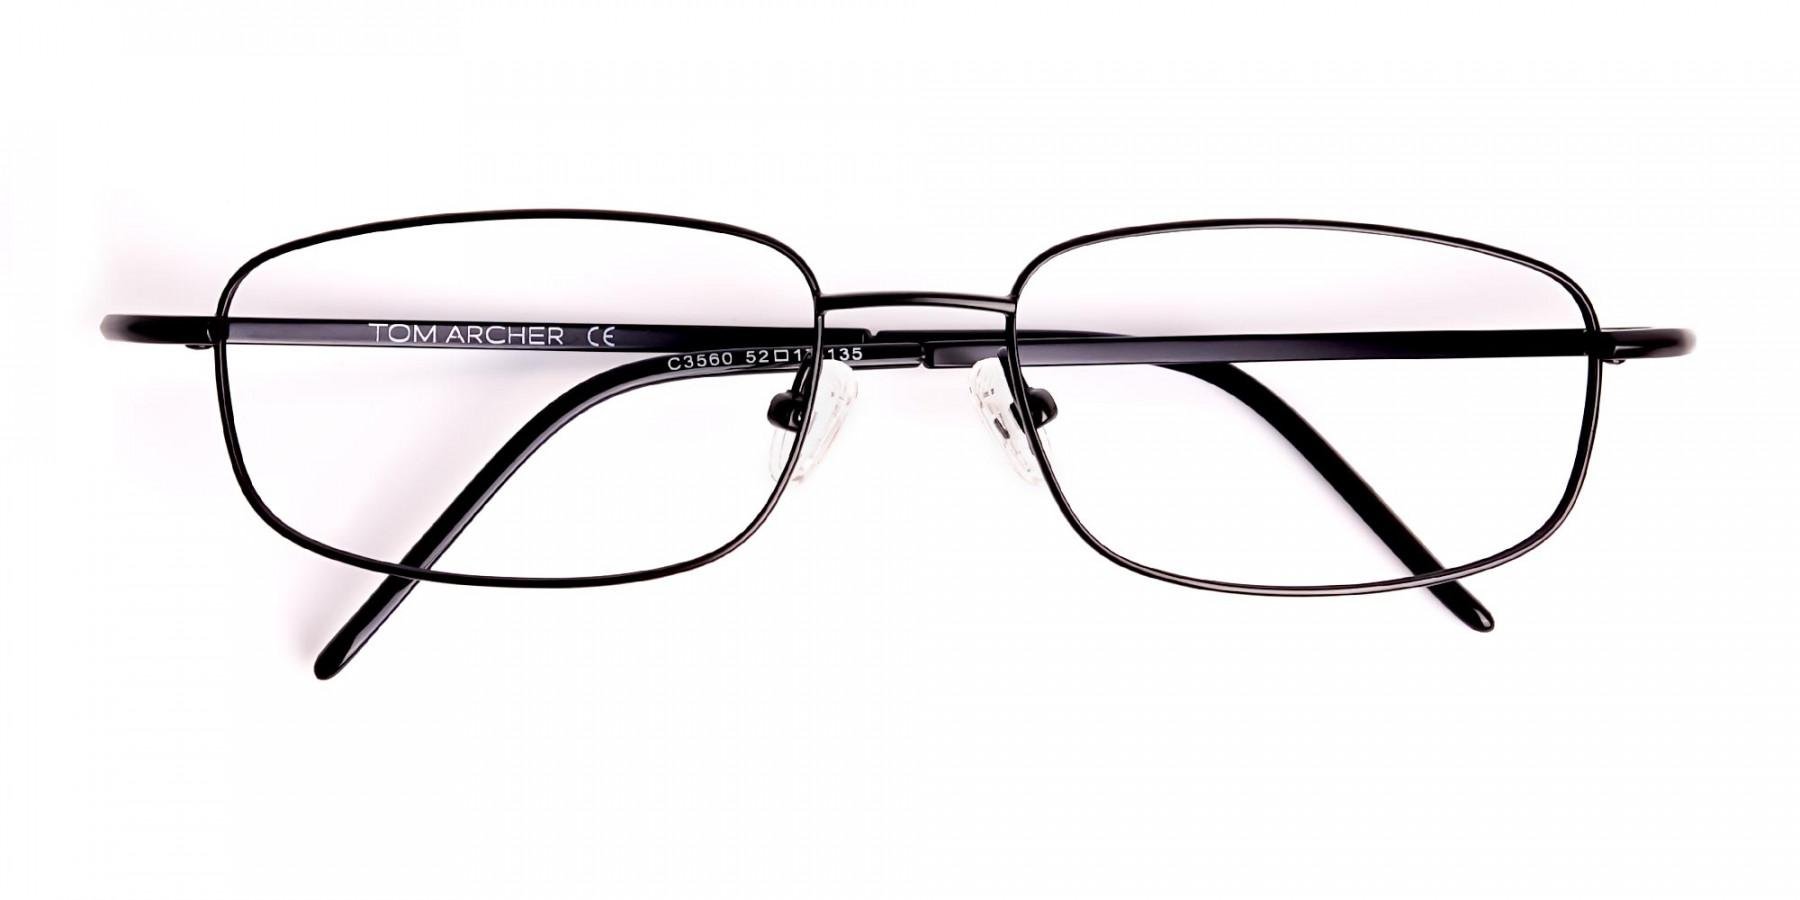 black-metal-full-rim-rectangular-full-rim-glasses-frames-1